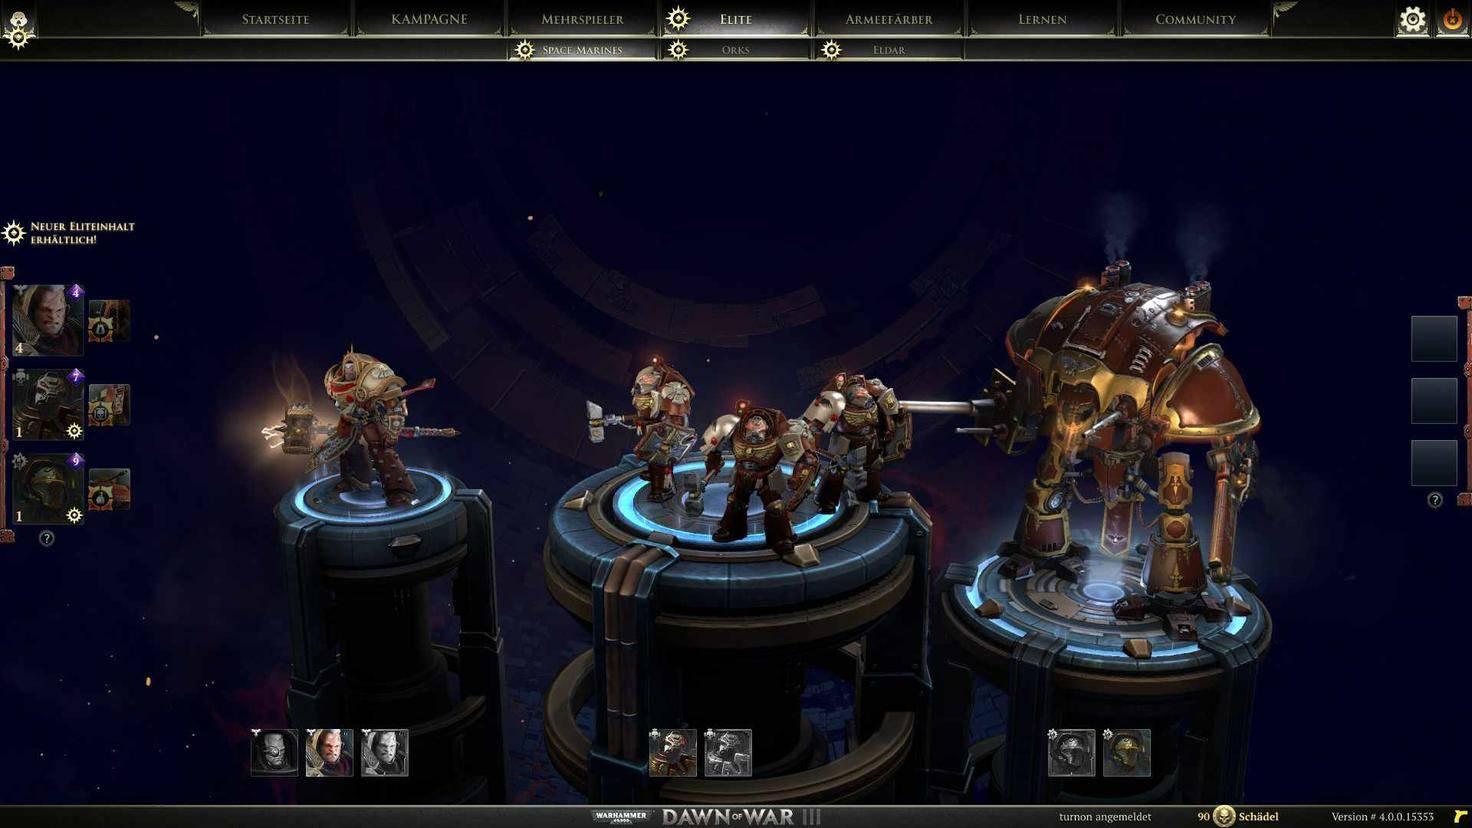 Zu Beginn einer Multiplayer-Partie wählen wir drei Elite-Einheiten aus.